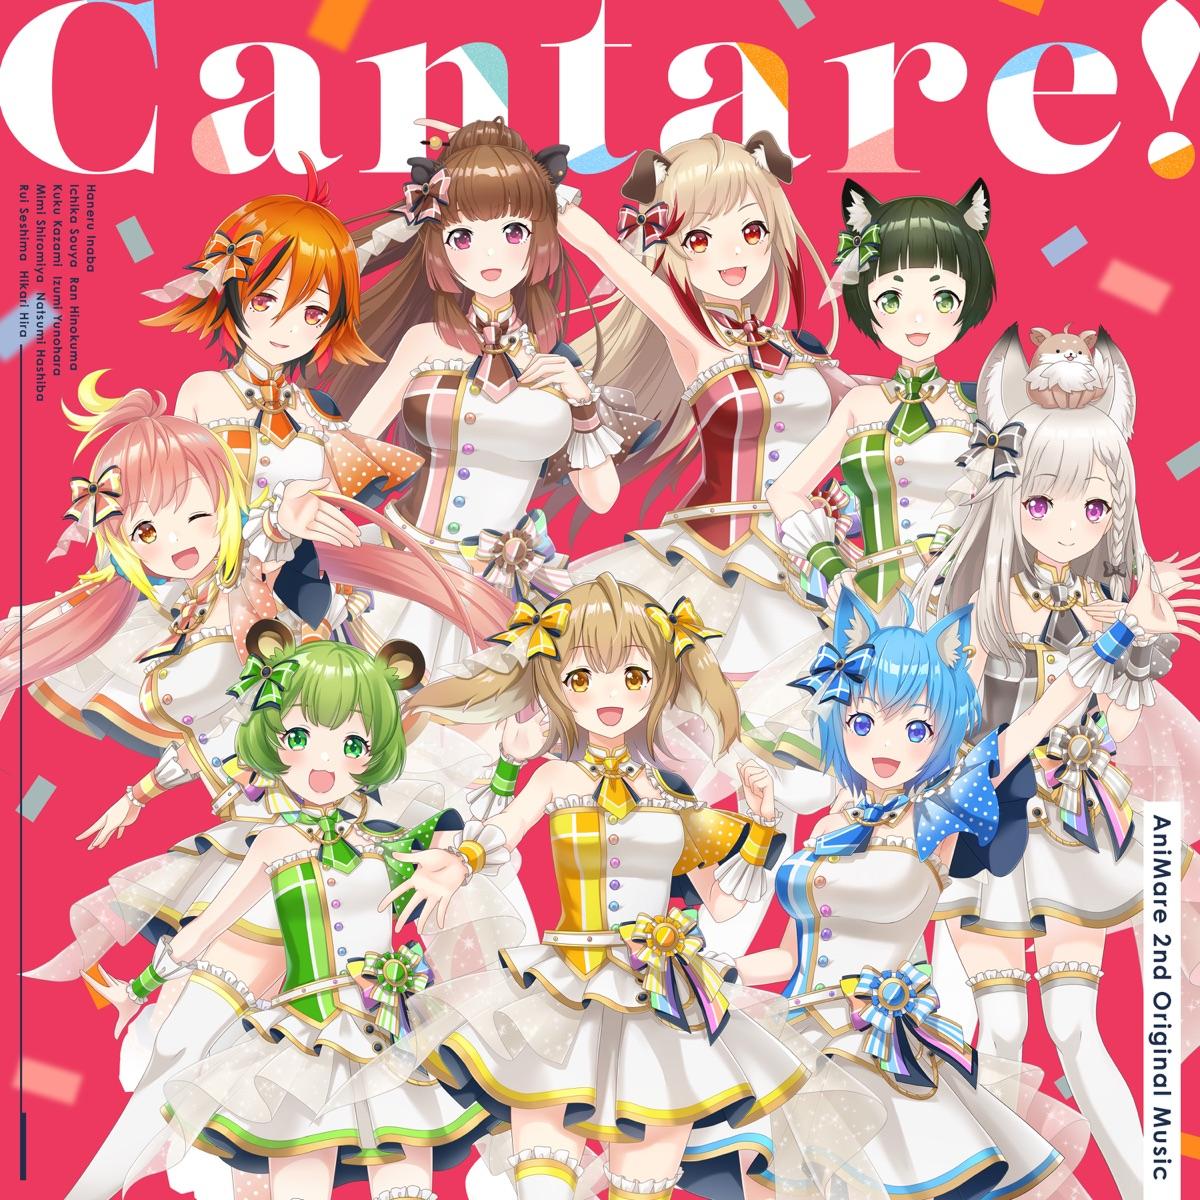 『有閑喫茶あにまーれ - Cantare!』収録の『Cantare!』ジャケット